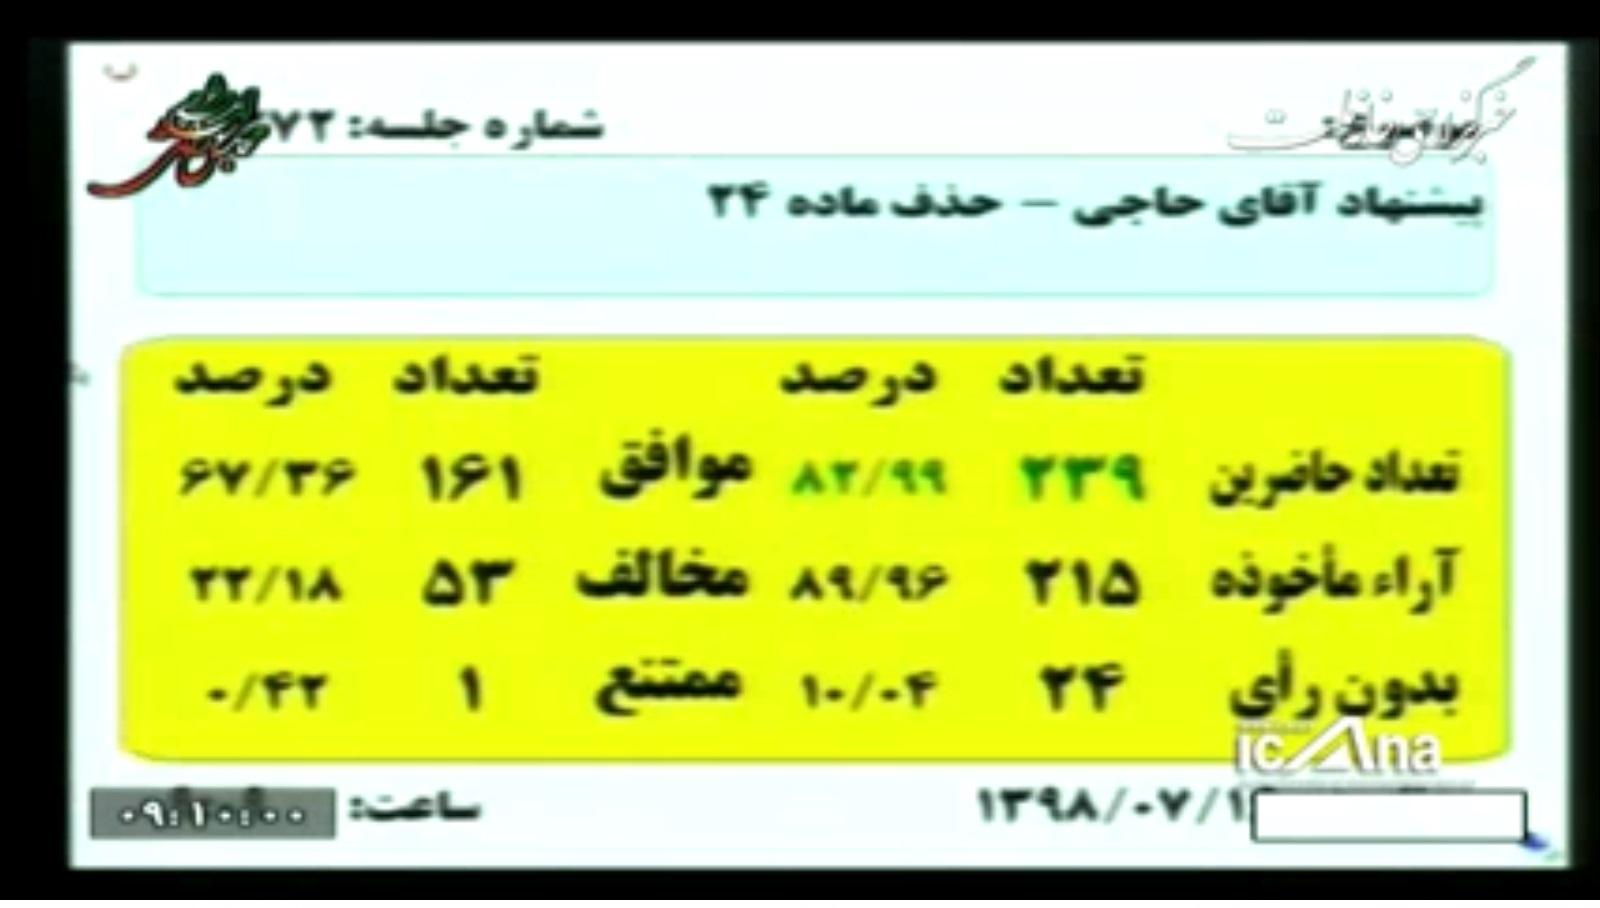 نمایندگان مجلس شورای اسلامی نظر حسینعلی حاجی را تایید و تبعیضات استخدامی در سازمان امور مالیاتی را رد کردند